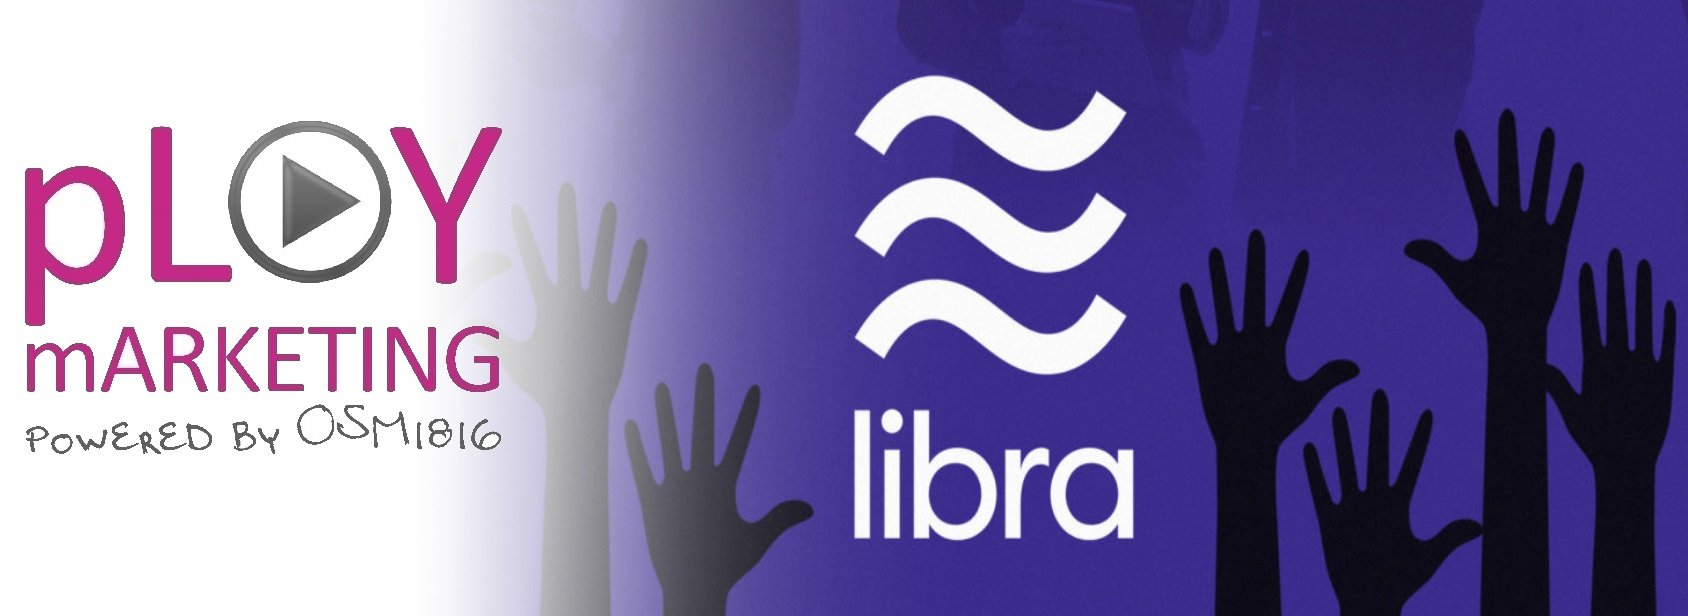 Libra, la criptovaluta di Facebook